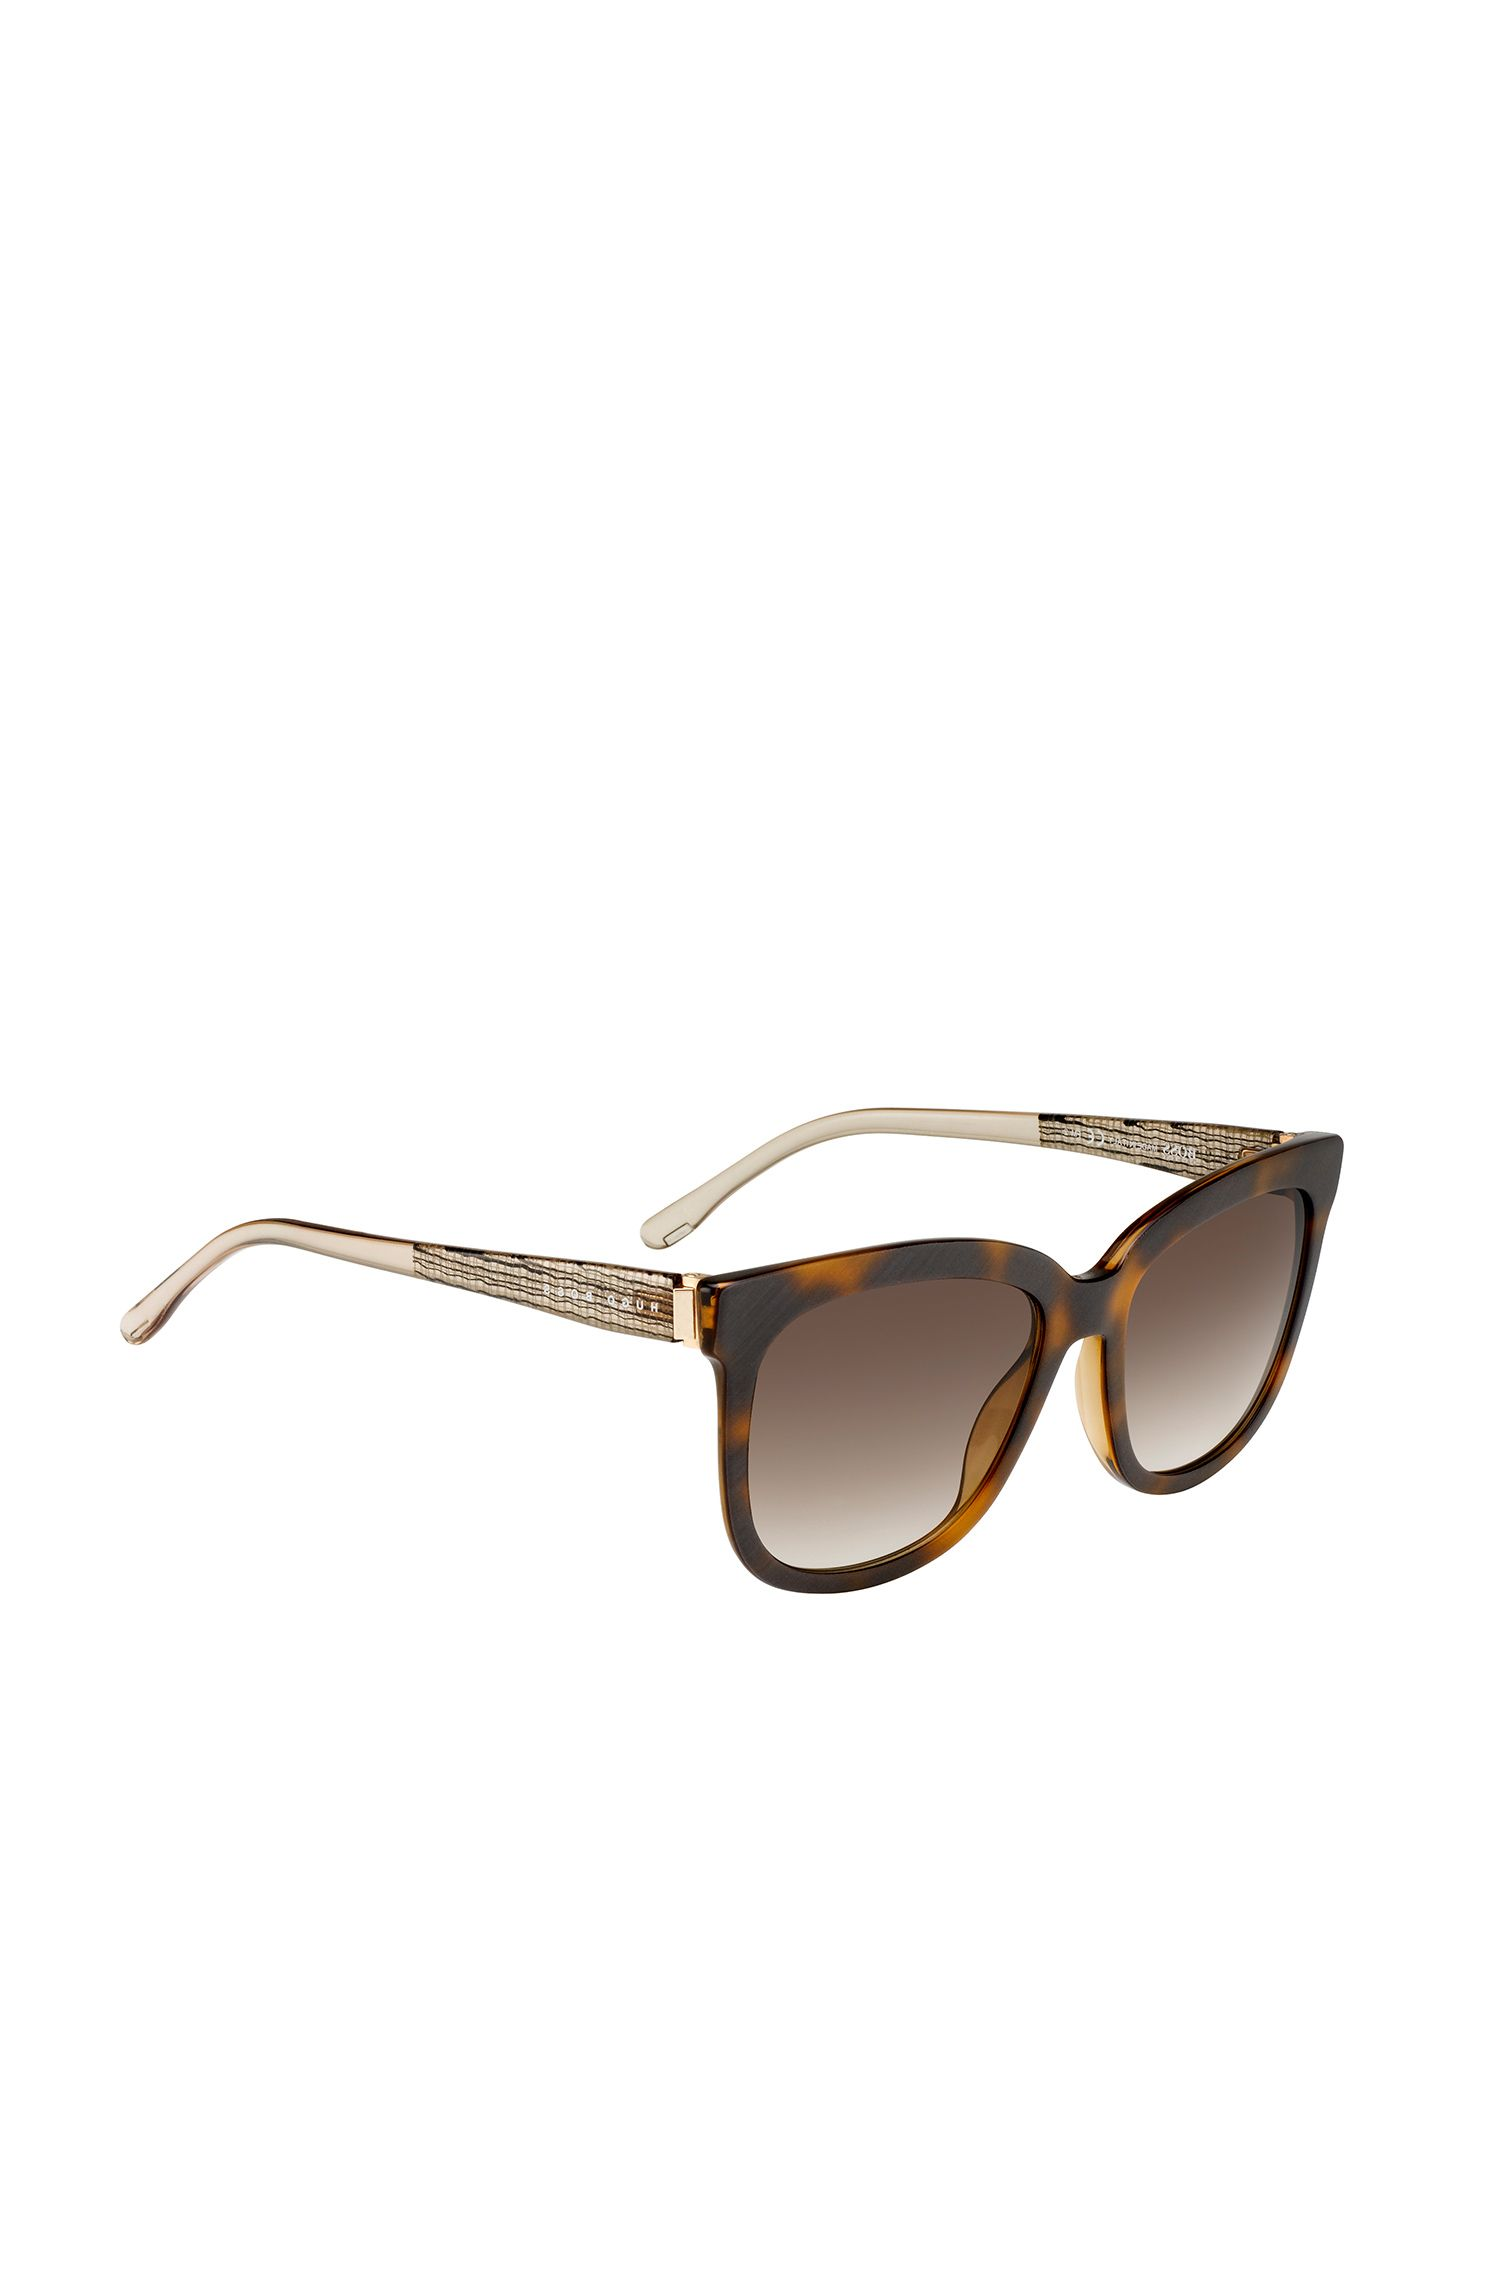 'BOSS 0850S' | Acetate Optyl Cateye Sunglasses